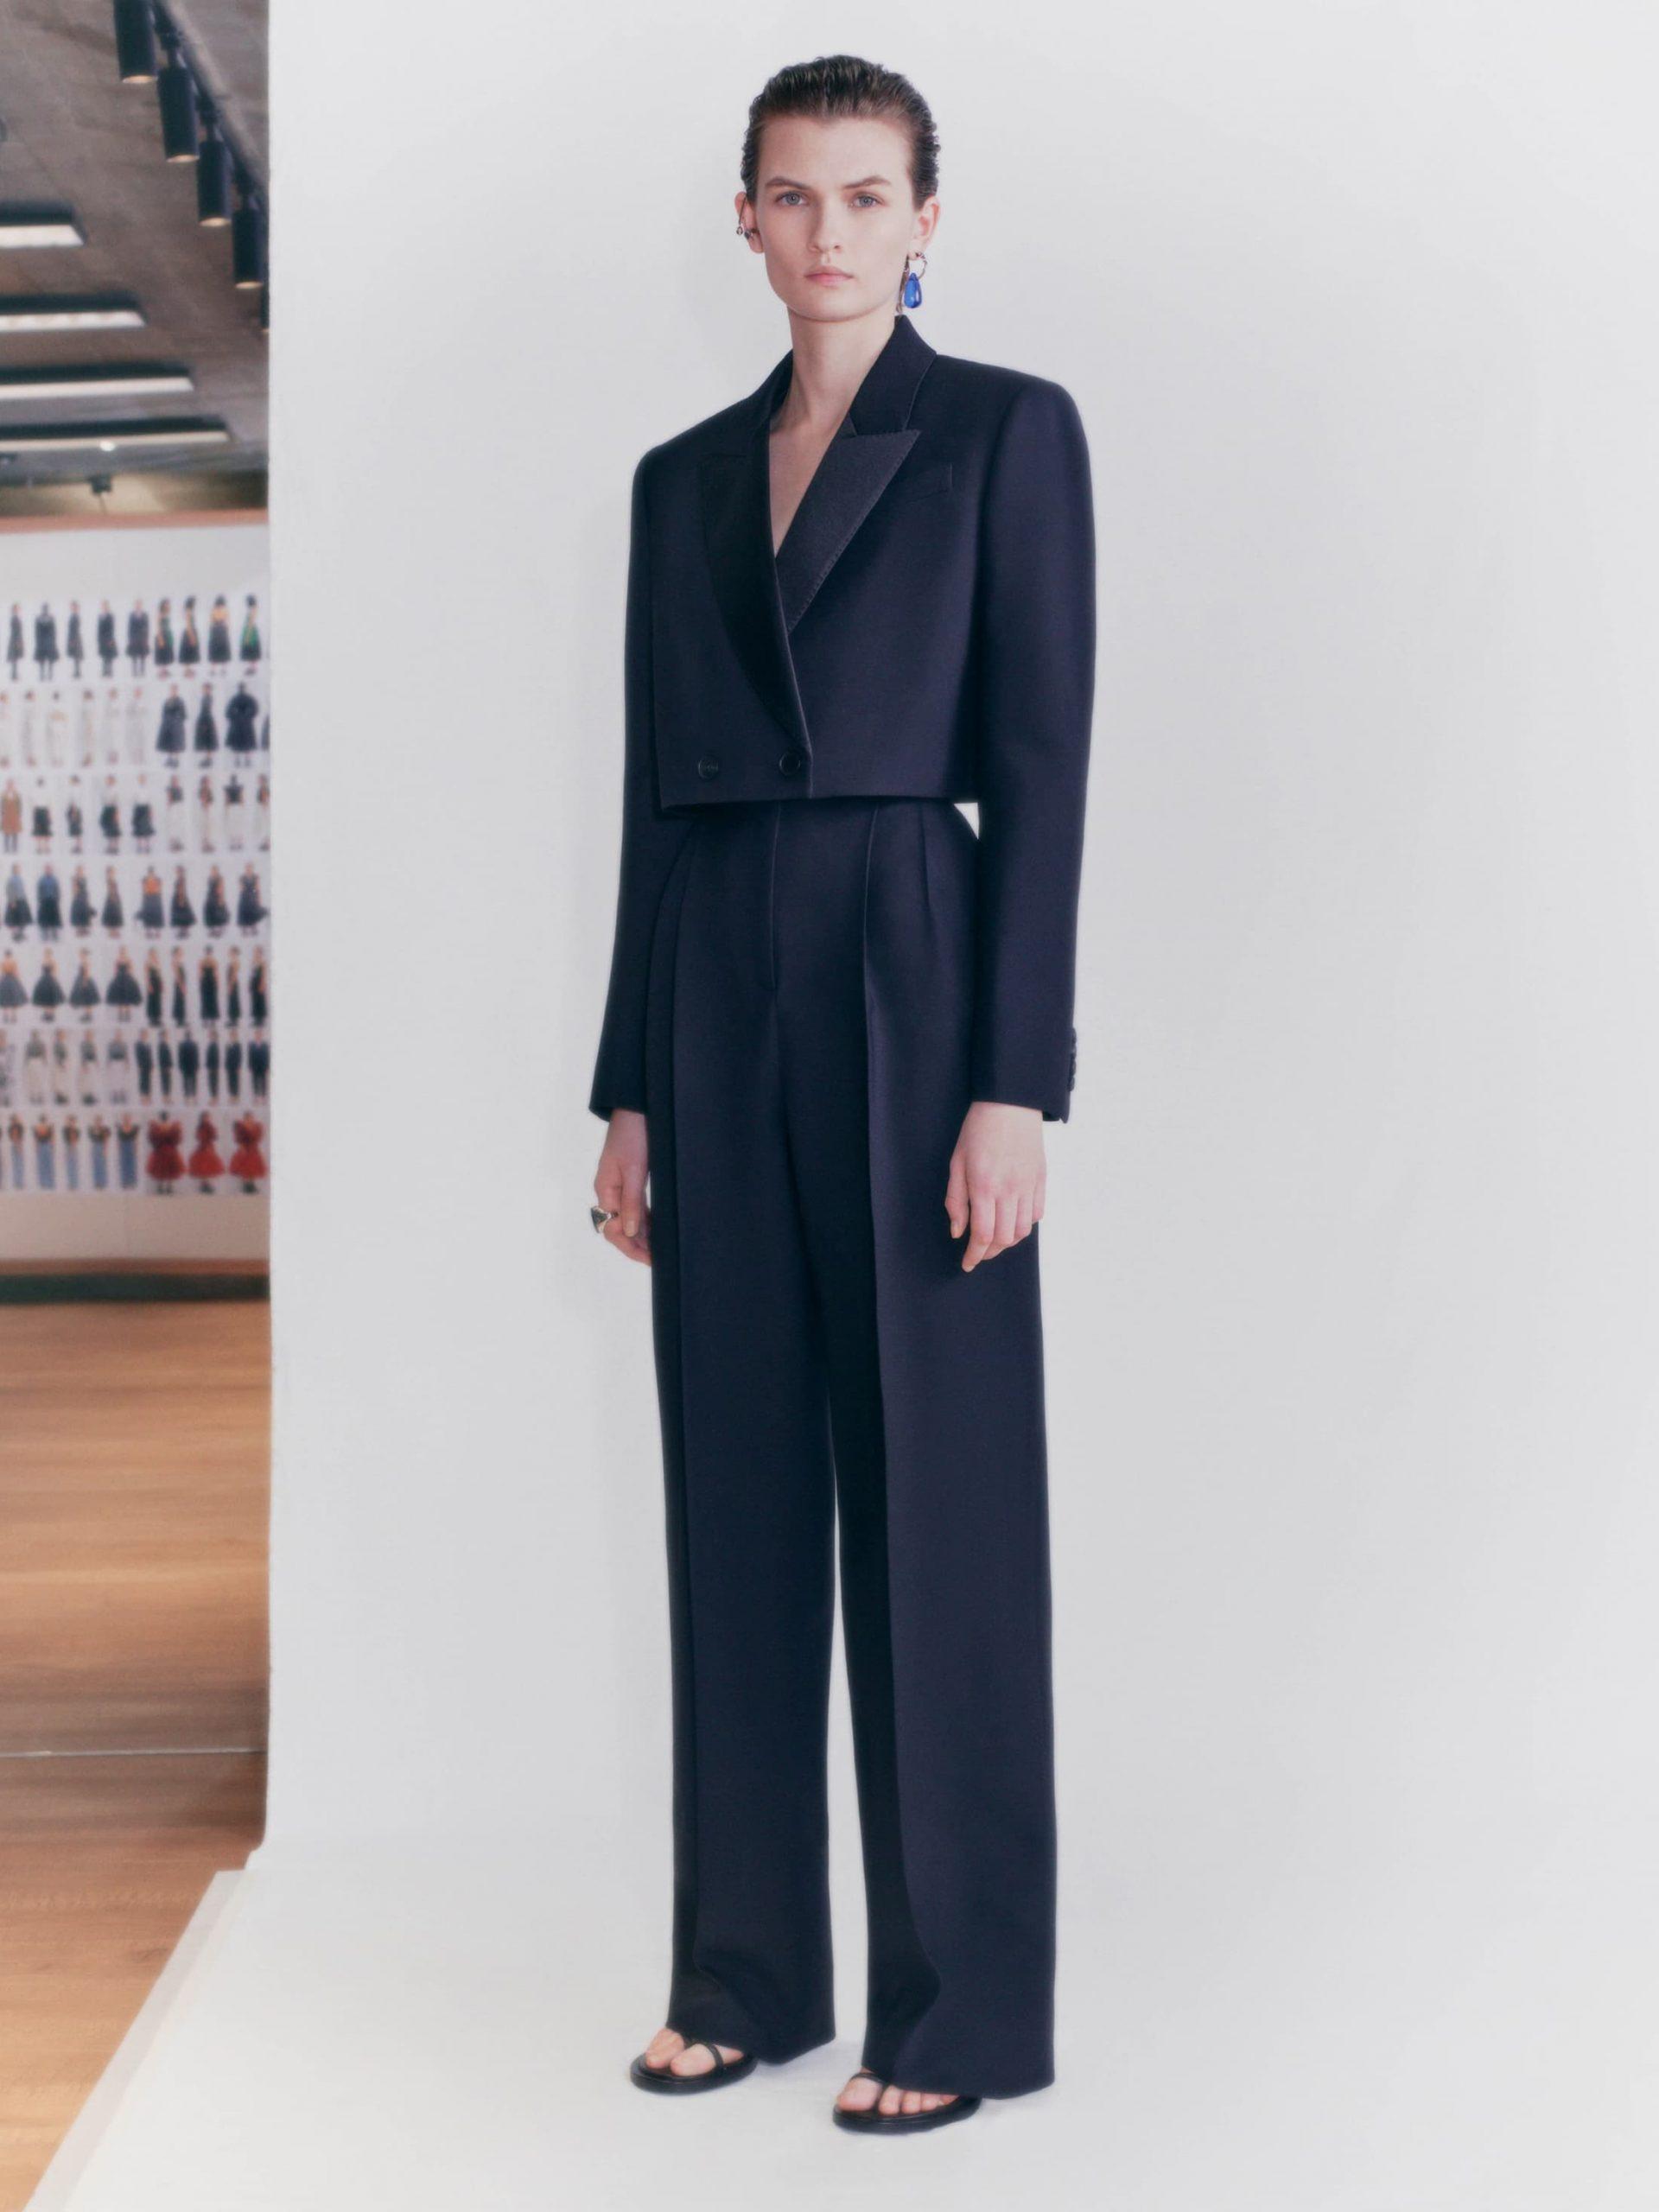 Alexander McQueen Pre-Fall 2021 Fashion Show Photos